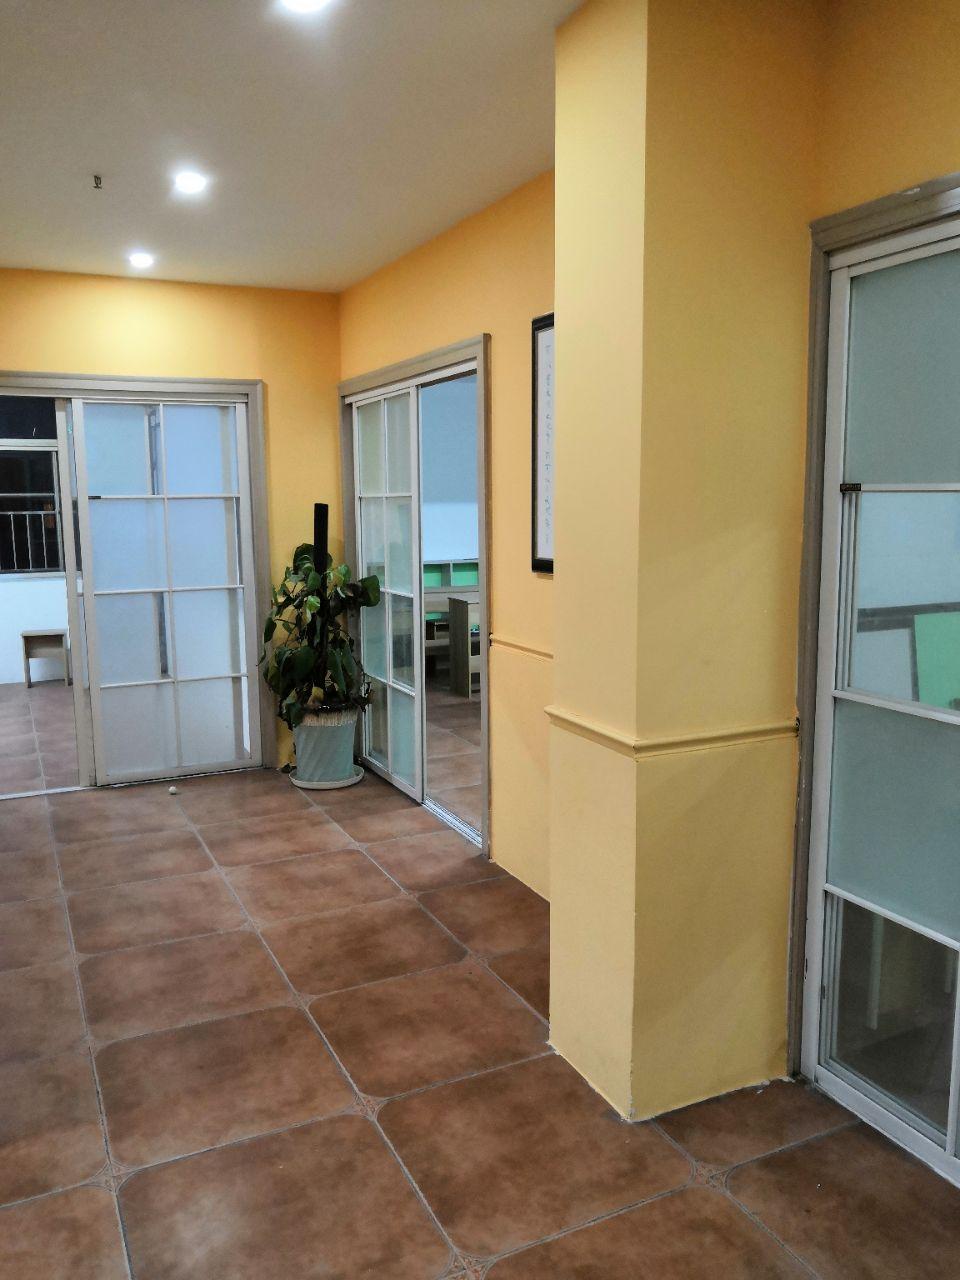 有三间约160平米可出租,共有四间教室,已装修,可用于培训,办公